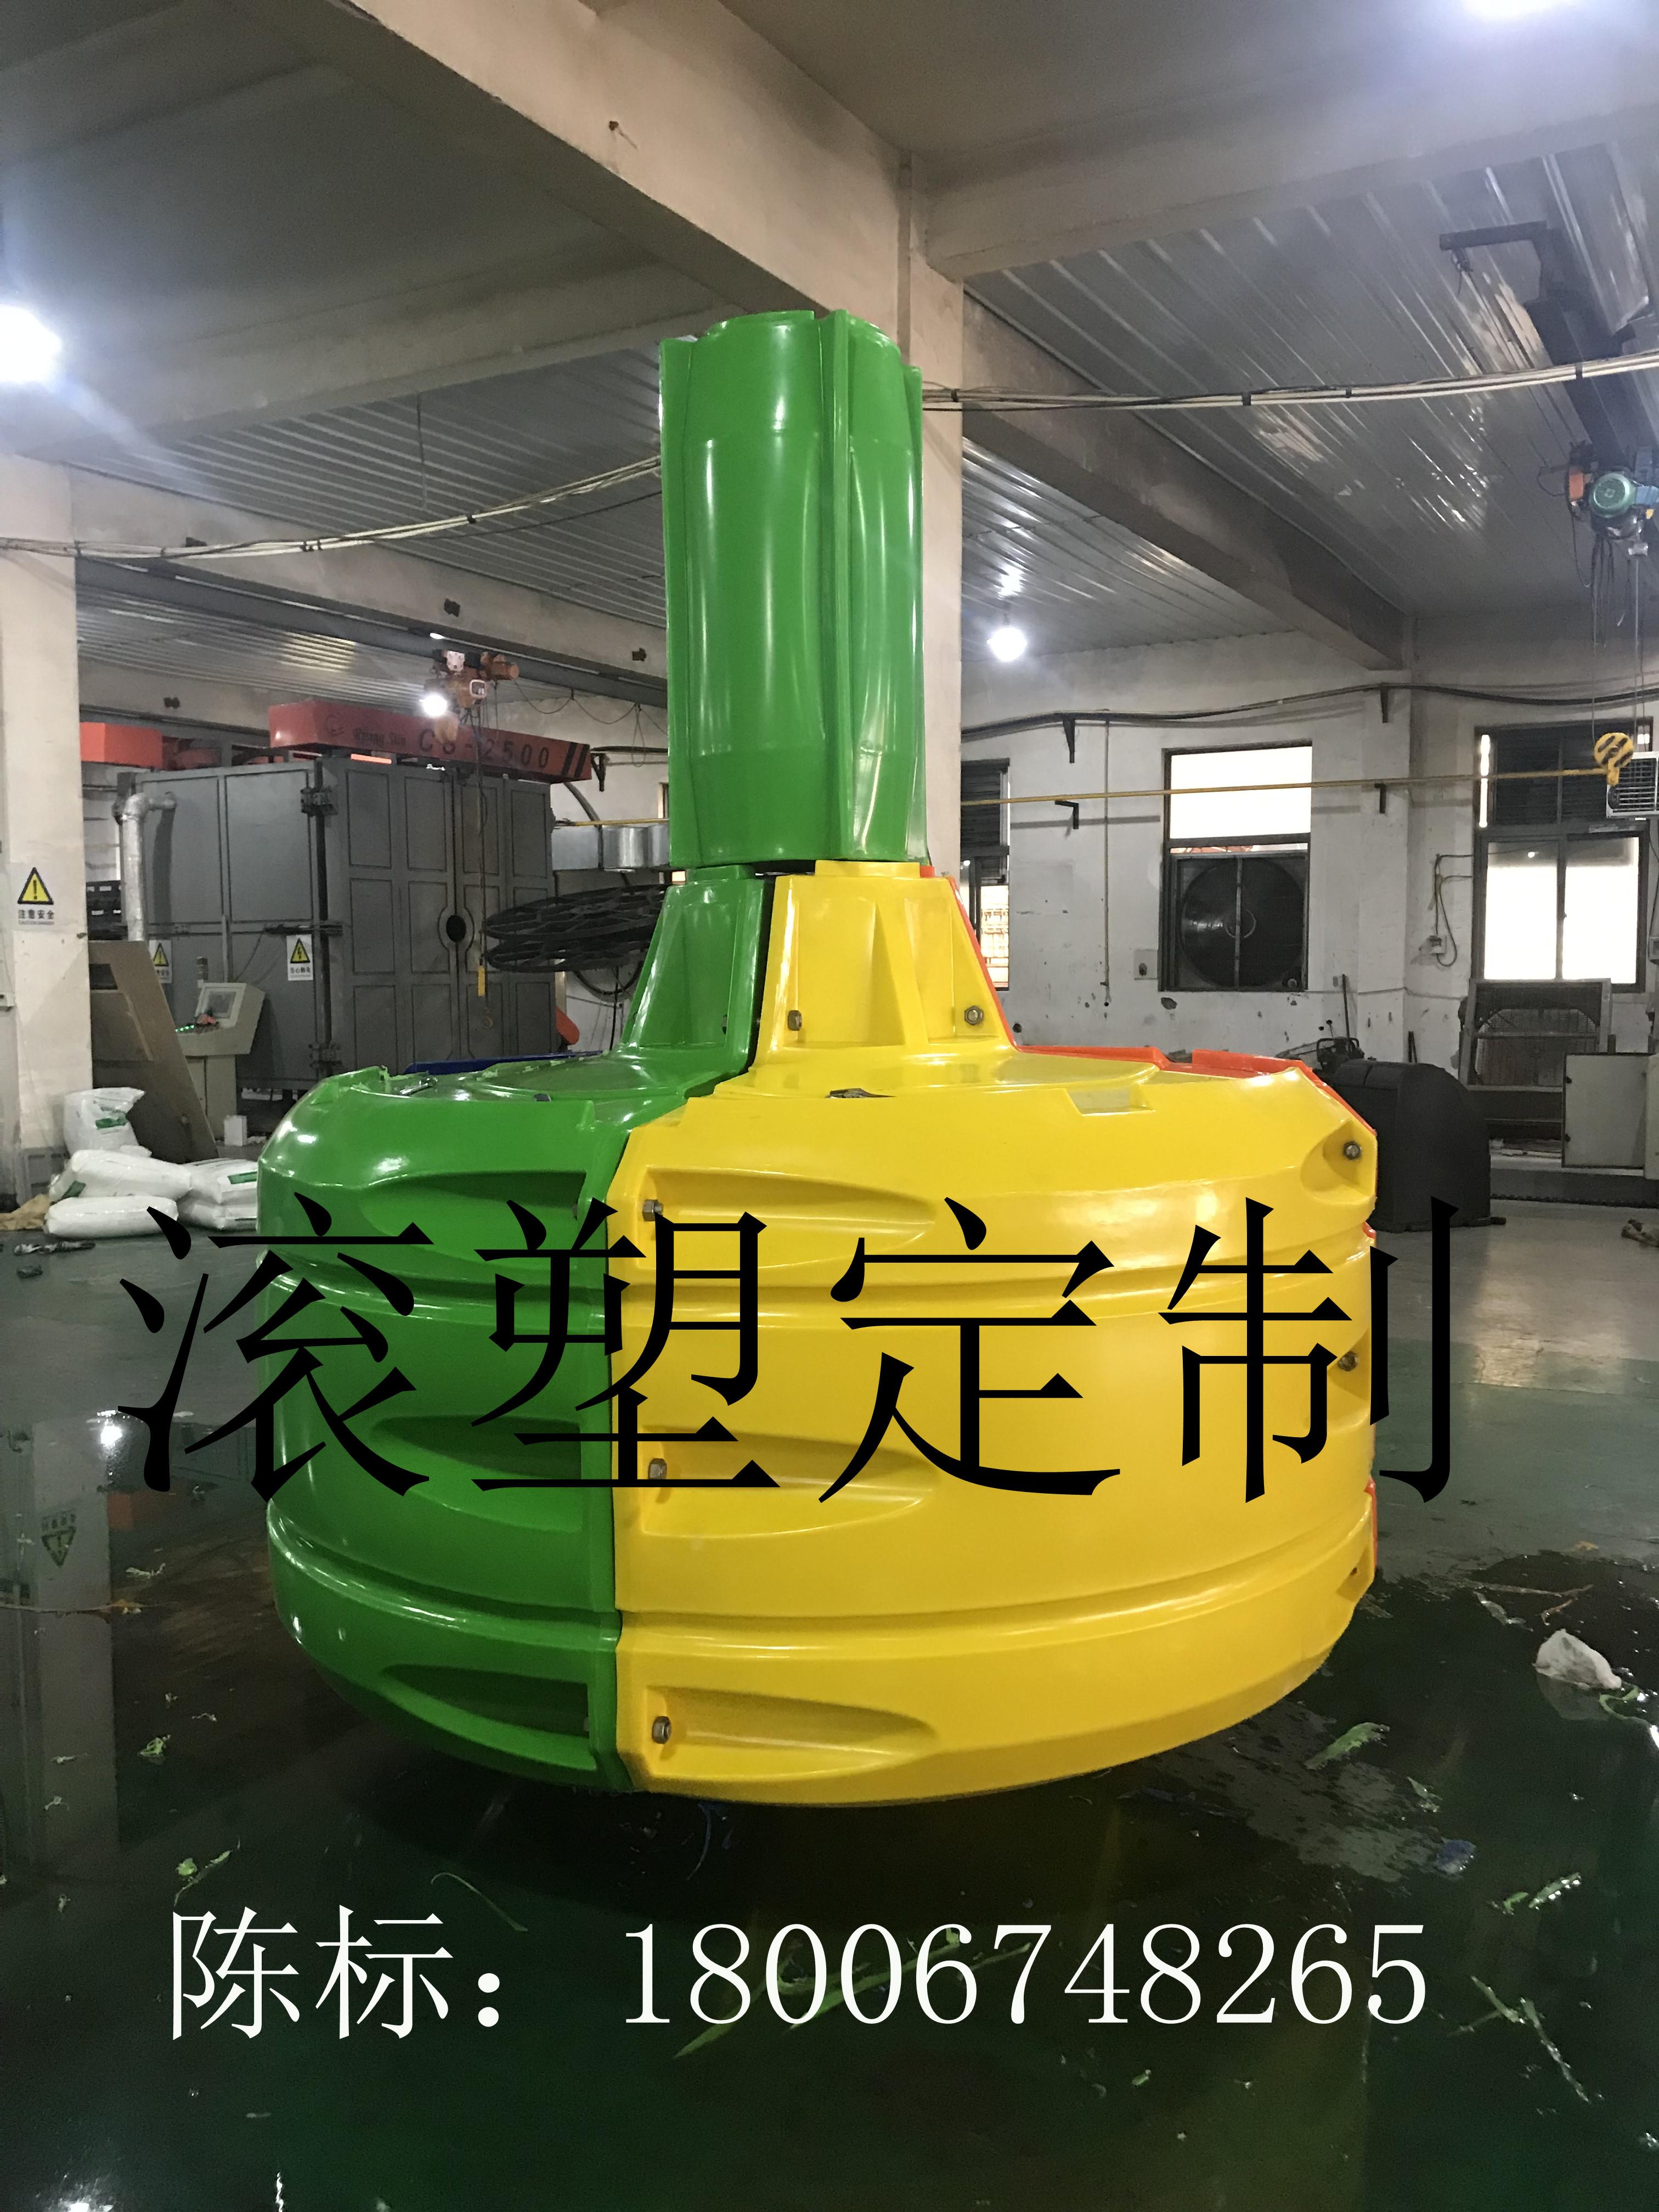 滚塑厂家   批发 航道航标批发  浮体 浮桶 生产  浮球供应